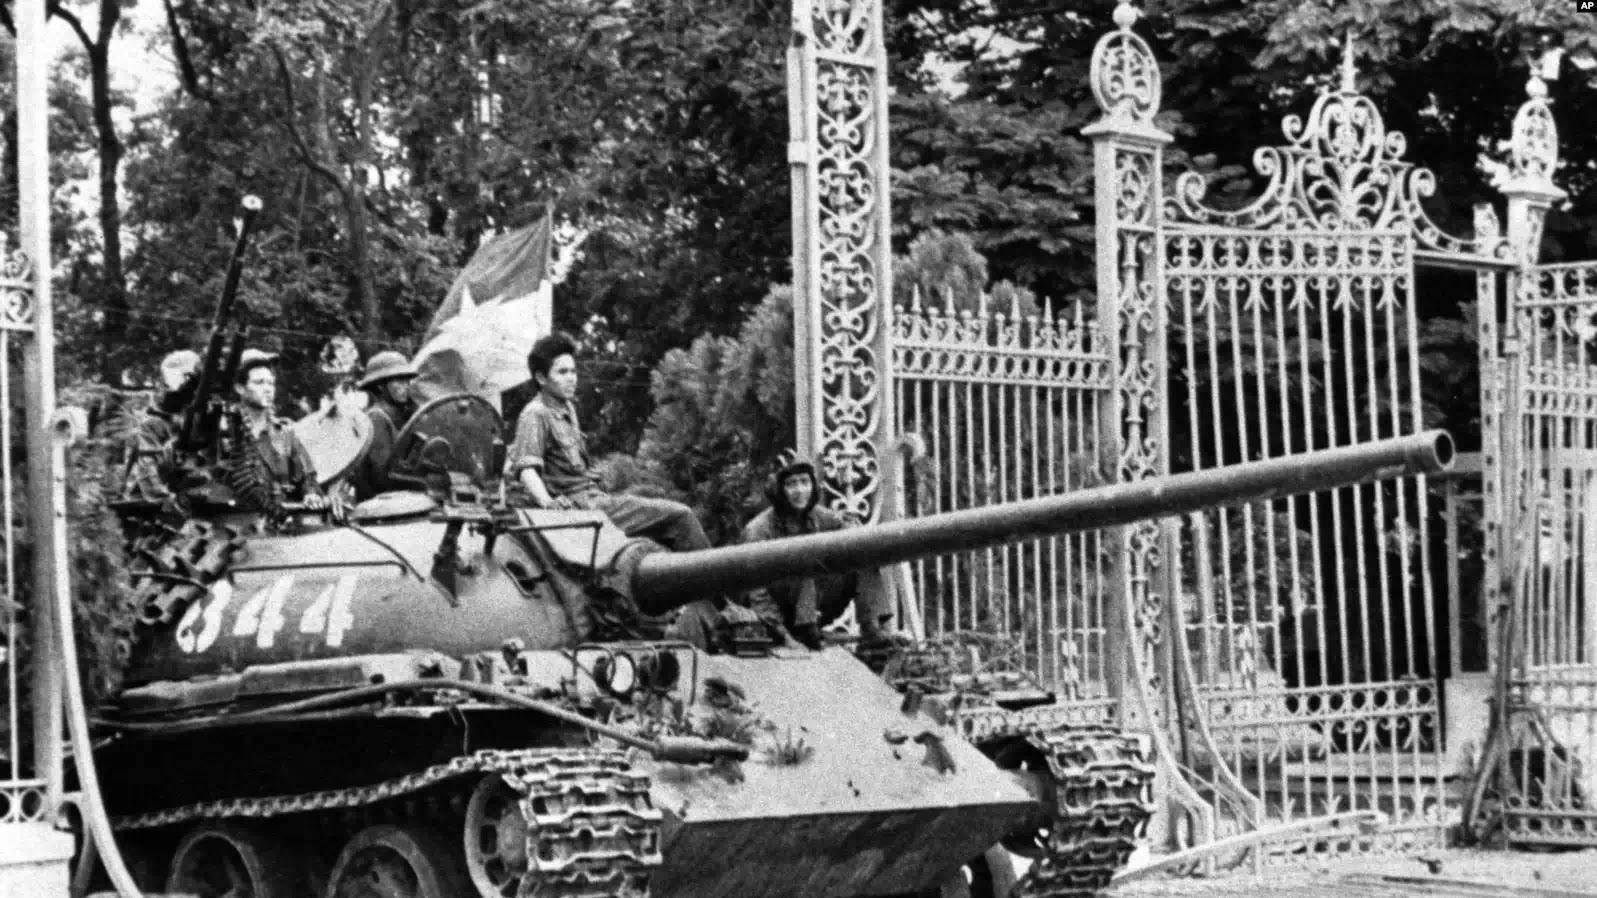 Xe tăng Bắc Việt tông sập cửa dinh Độc Lập ở Sài Gòn ngày 30 tháng Tư, 1975.